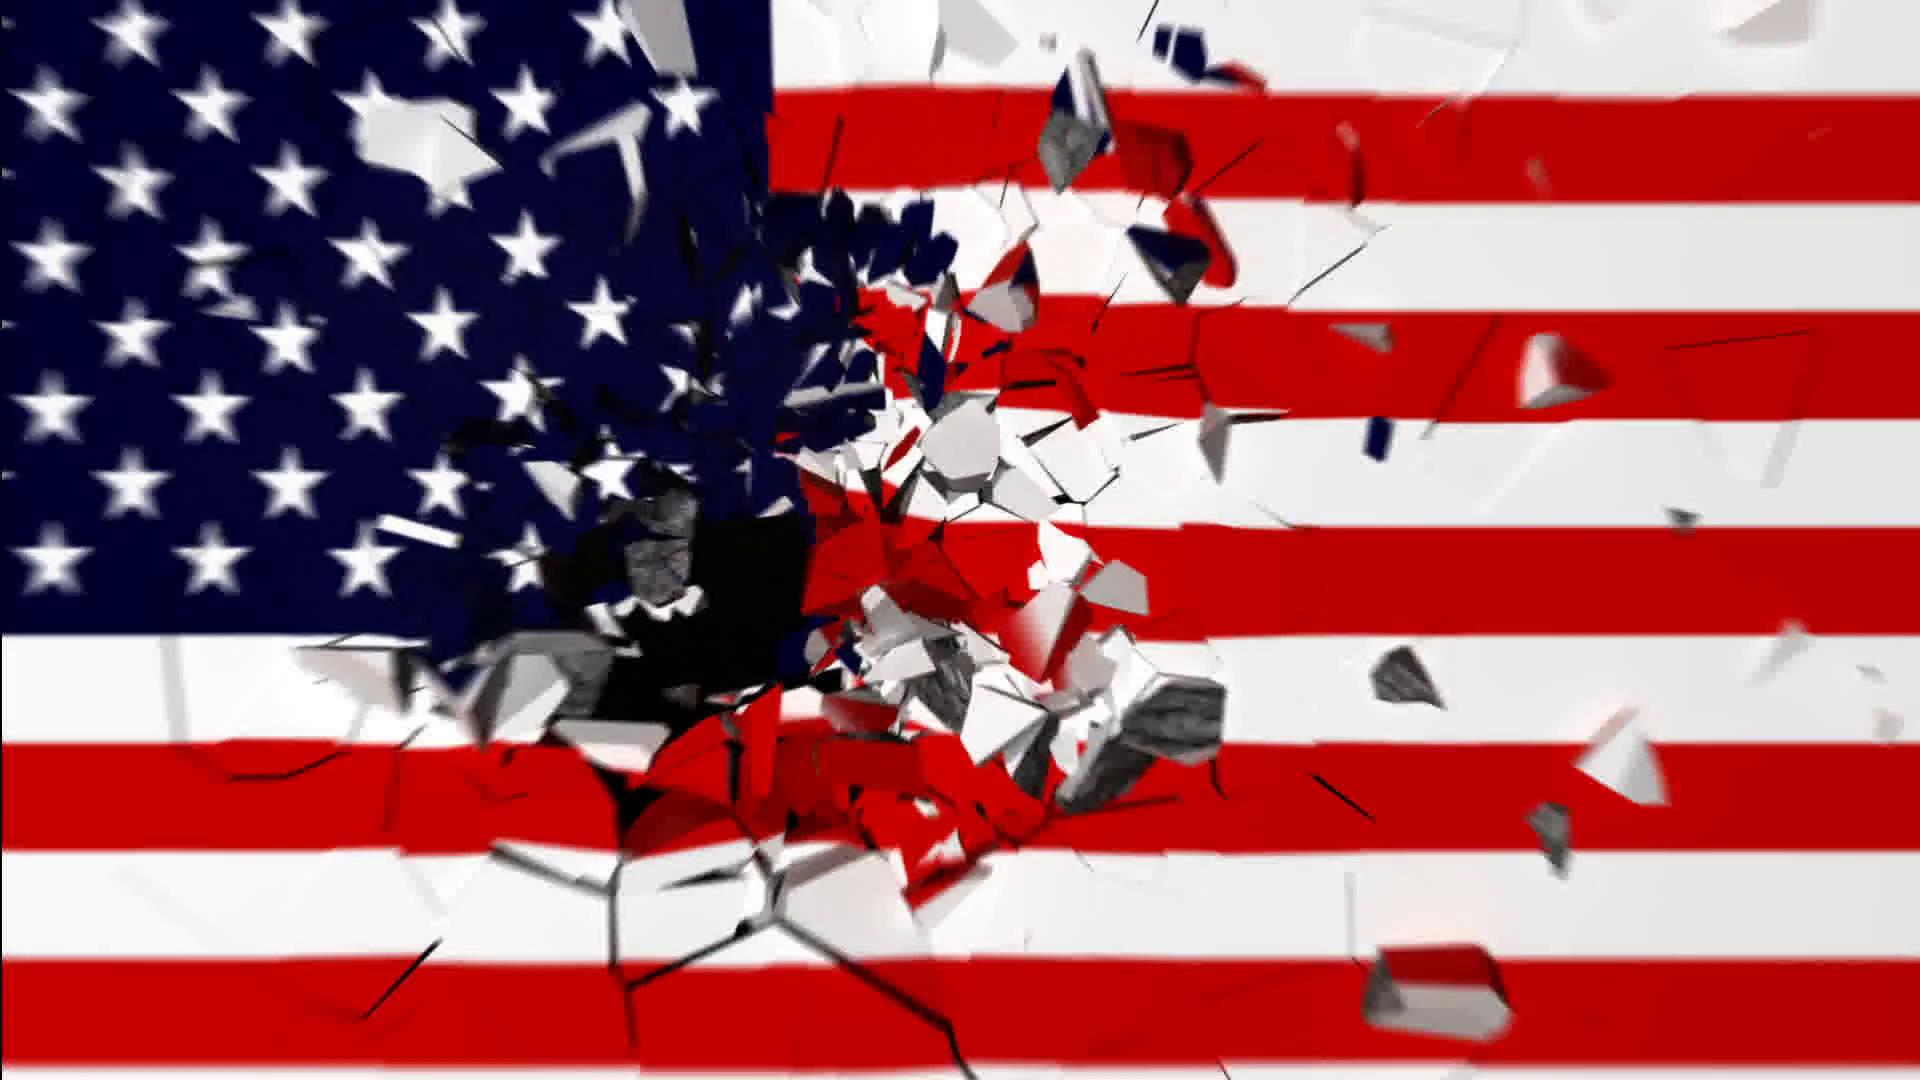 آمریکا در سراشیبی افول؛ از اوجگیری قدرت در قرن بیستم تا افتادن در ...